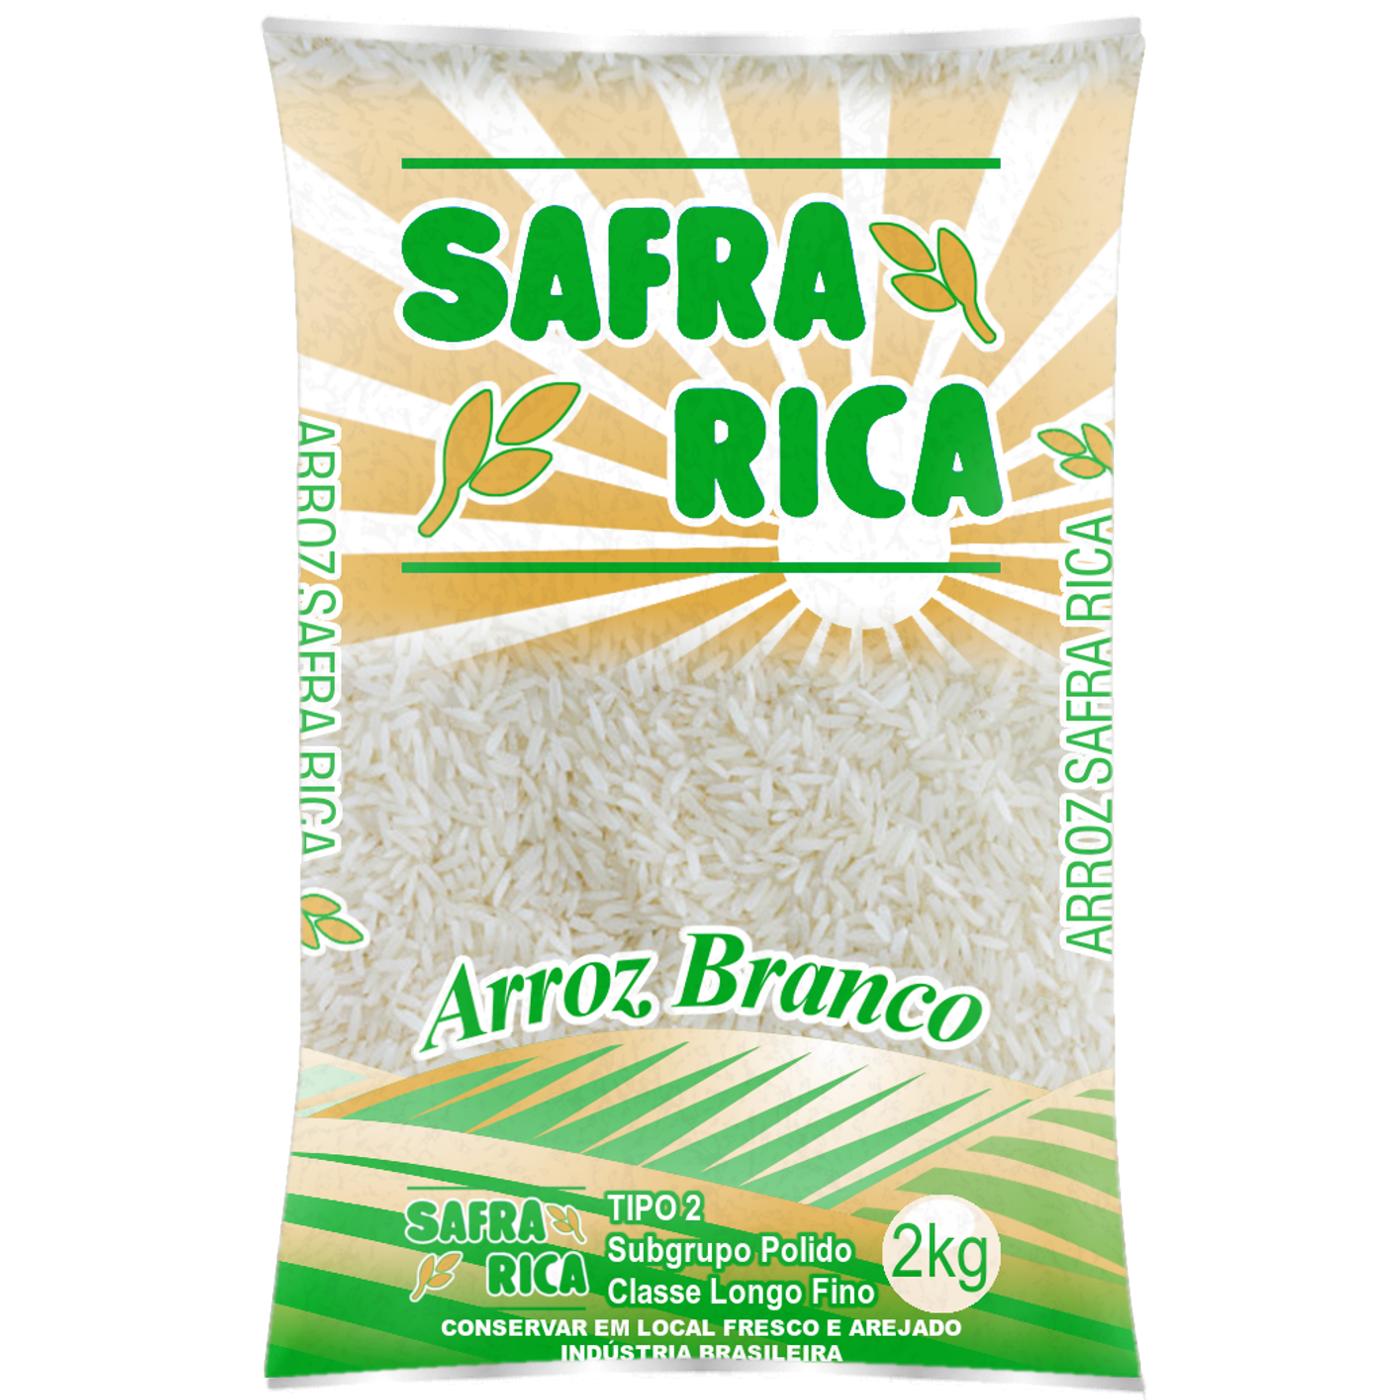 7898678530102 - ARROZ SAFRA RICA BRANCO TIPO 2 2KG